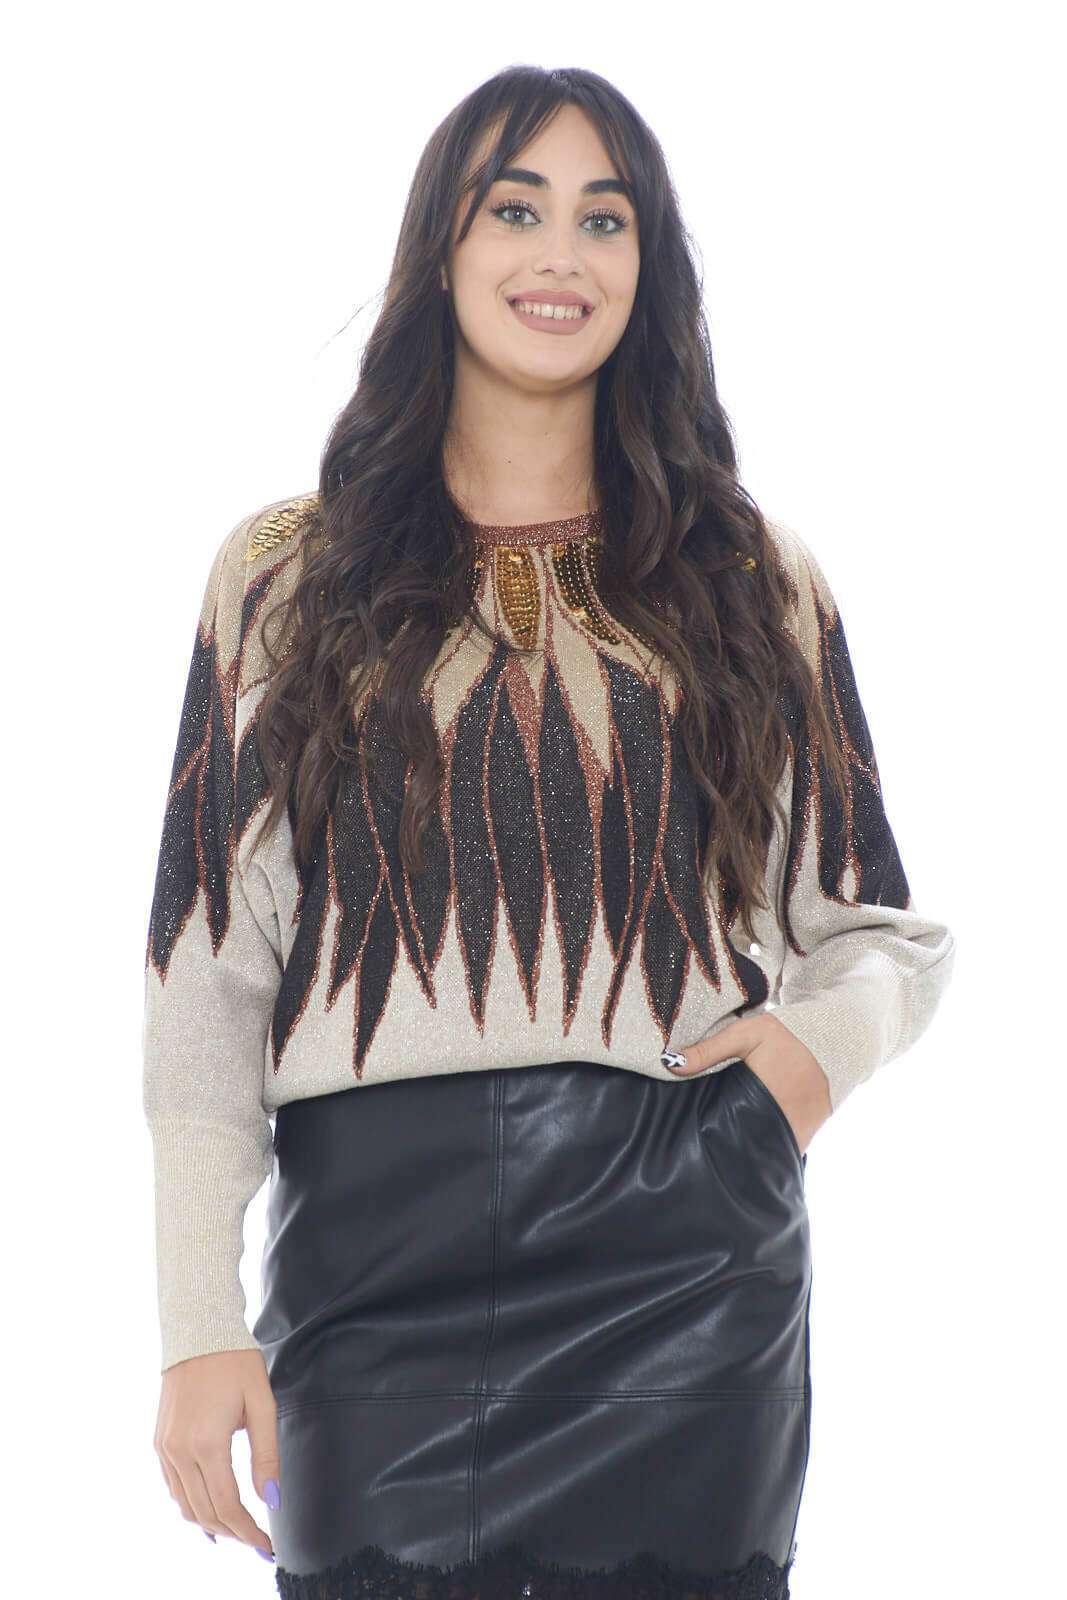 Una maglia ricca di dettagli e colori, perfetta per la donna che ama outfit sgargianti anche in inverno.  L'effetto lurex unito alle paillette applicate lungo il collo, rendono il capo chic e colorato, rendendolo ottimo per abbinamenti con gonne nere o pantaloni in lurex.    la modella è alta 1,78m e indossa la taglia S.